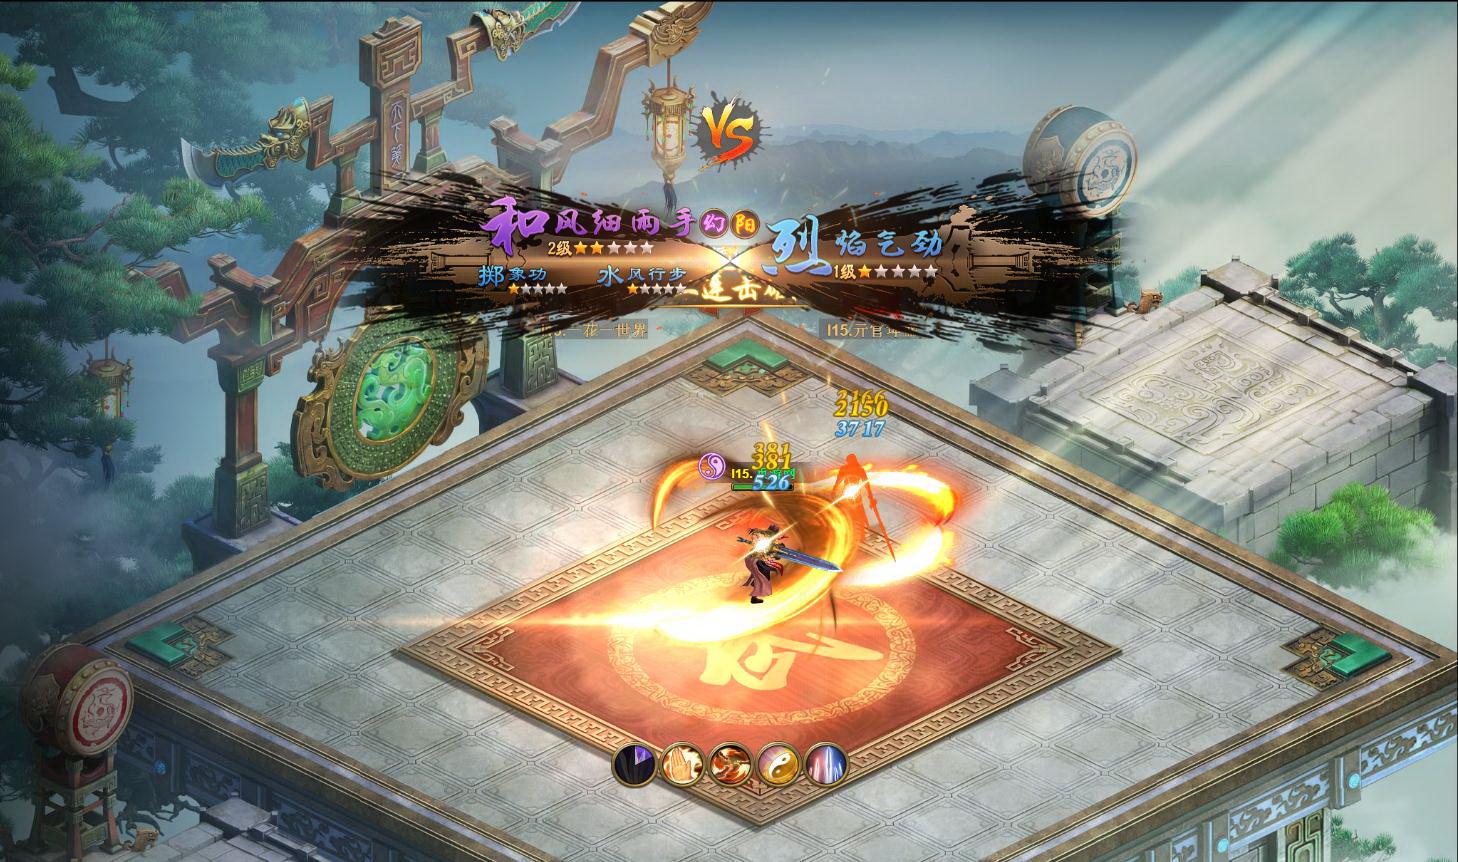 《刀剑天下H5》游戏截图